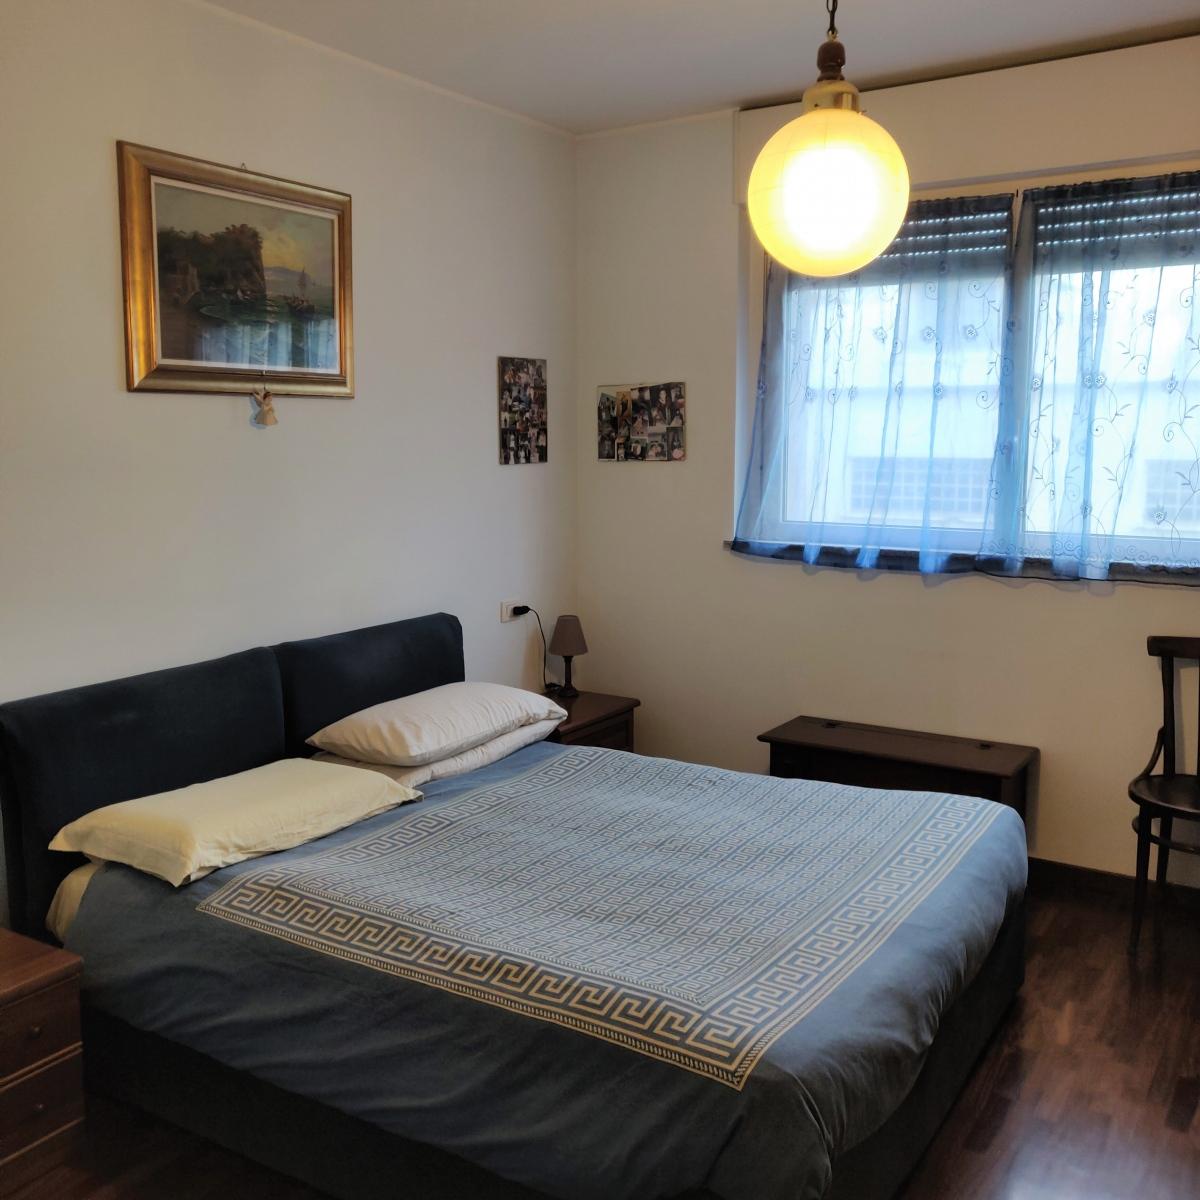 appartamento-in-vendita-milano-via-forze-armate-recente-costruzione-4-locali-spaziourbano-immobiliare-vende-28